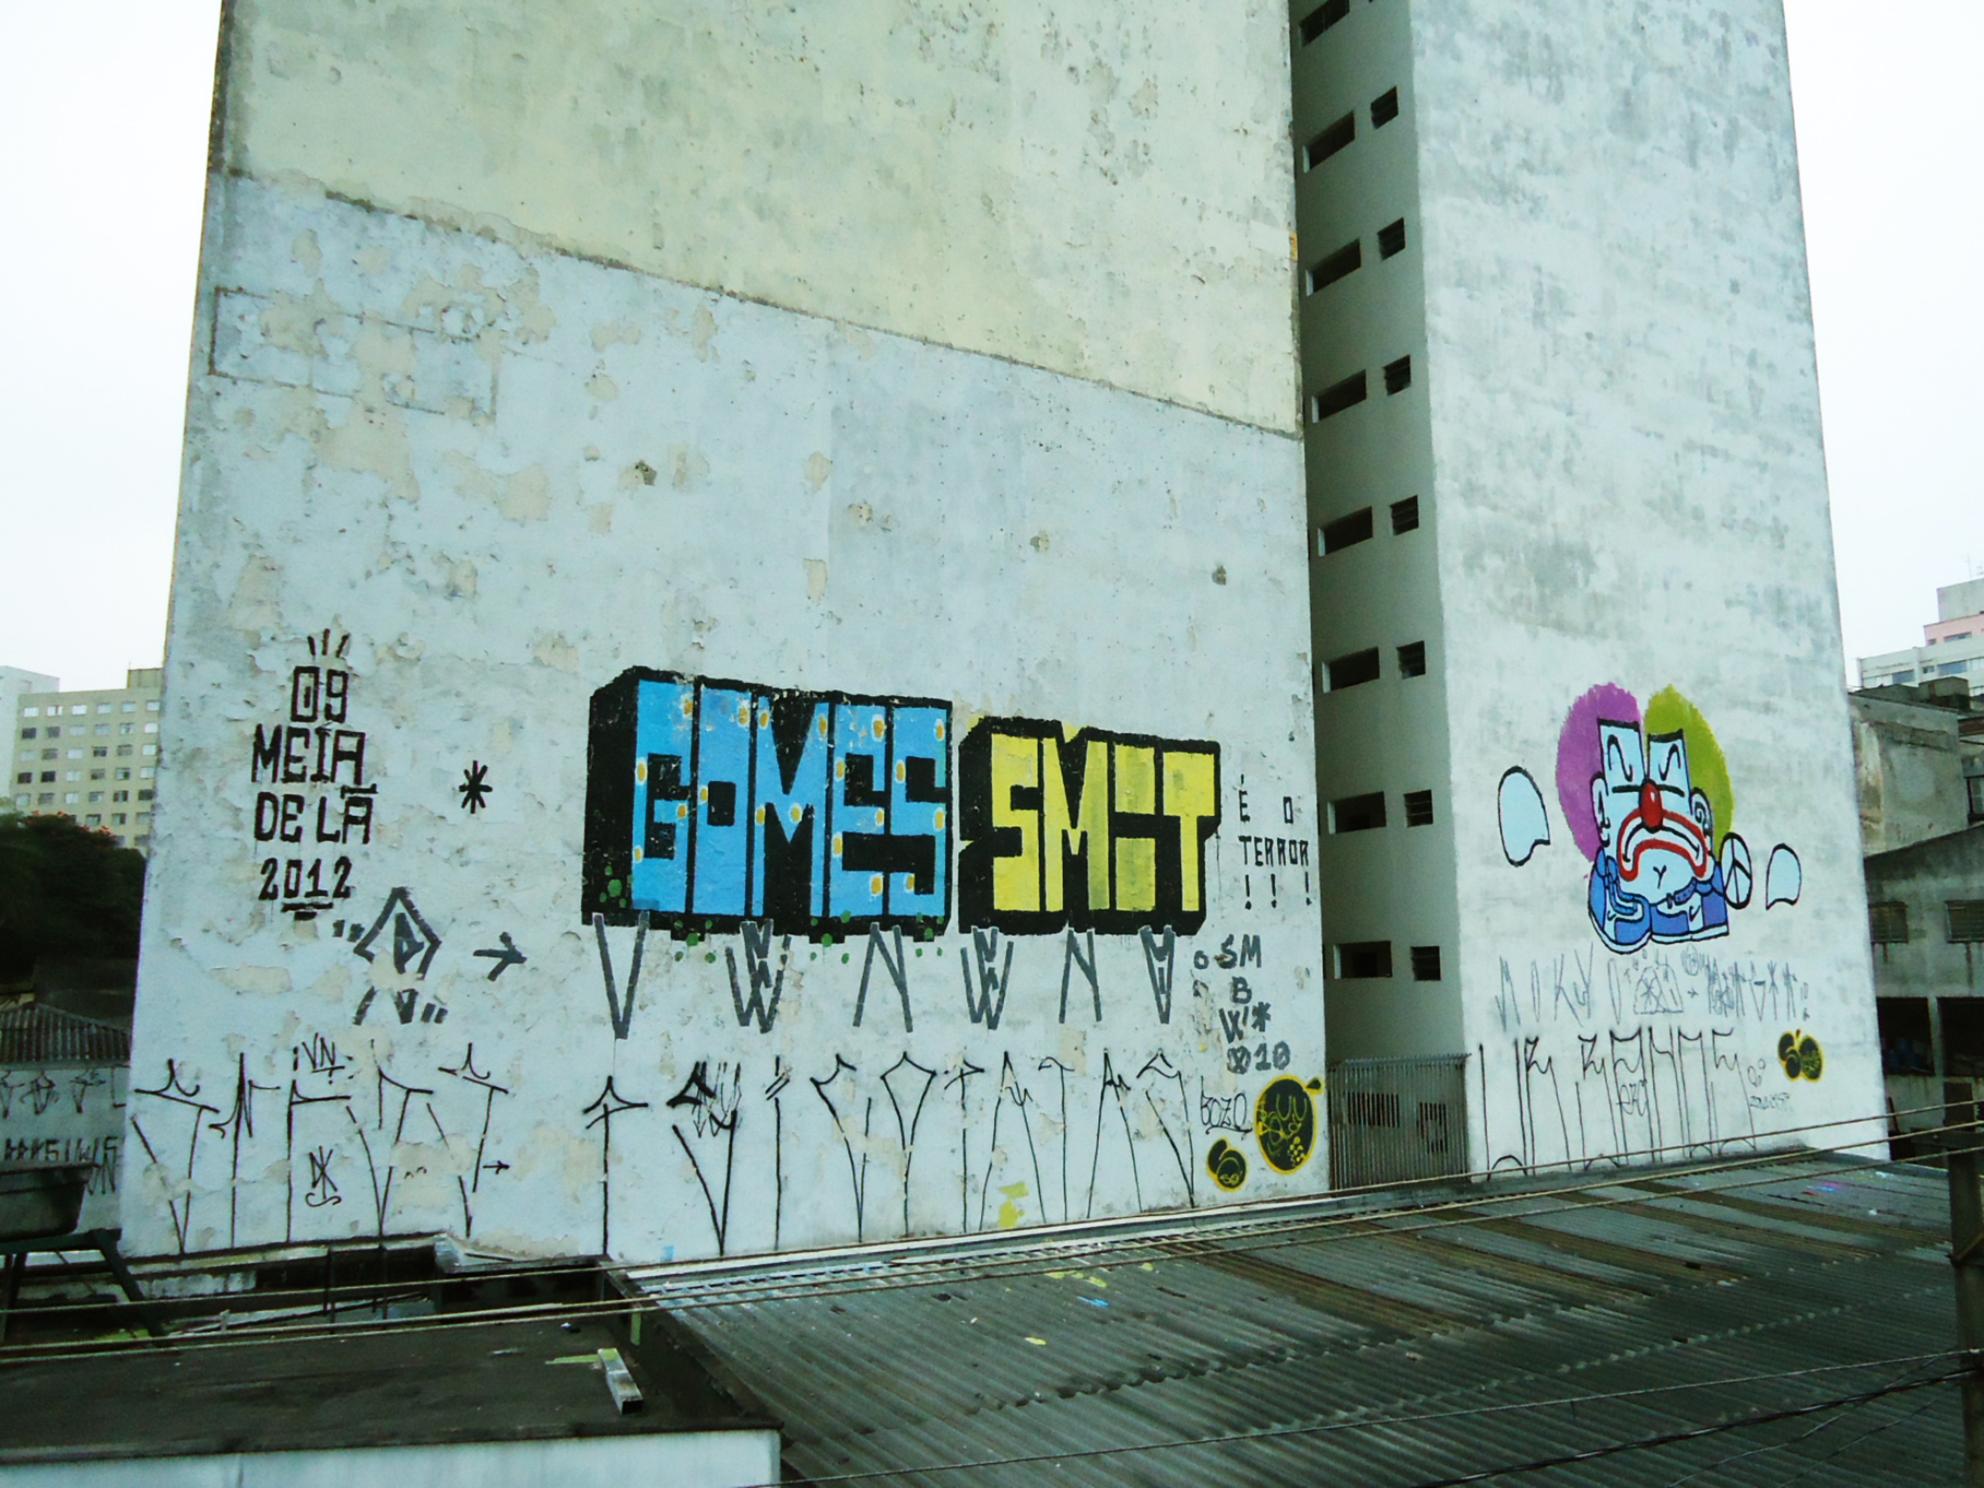 gomes-tws-os-meia-de-la-graffiti-sp-5